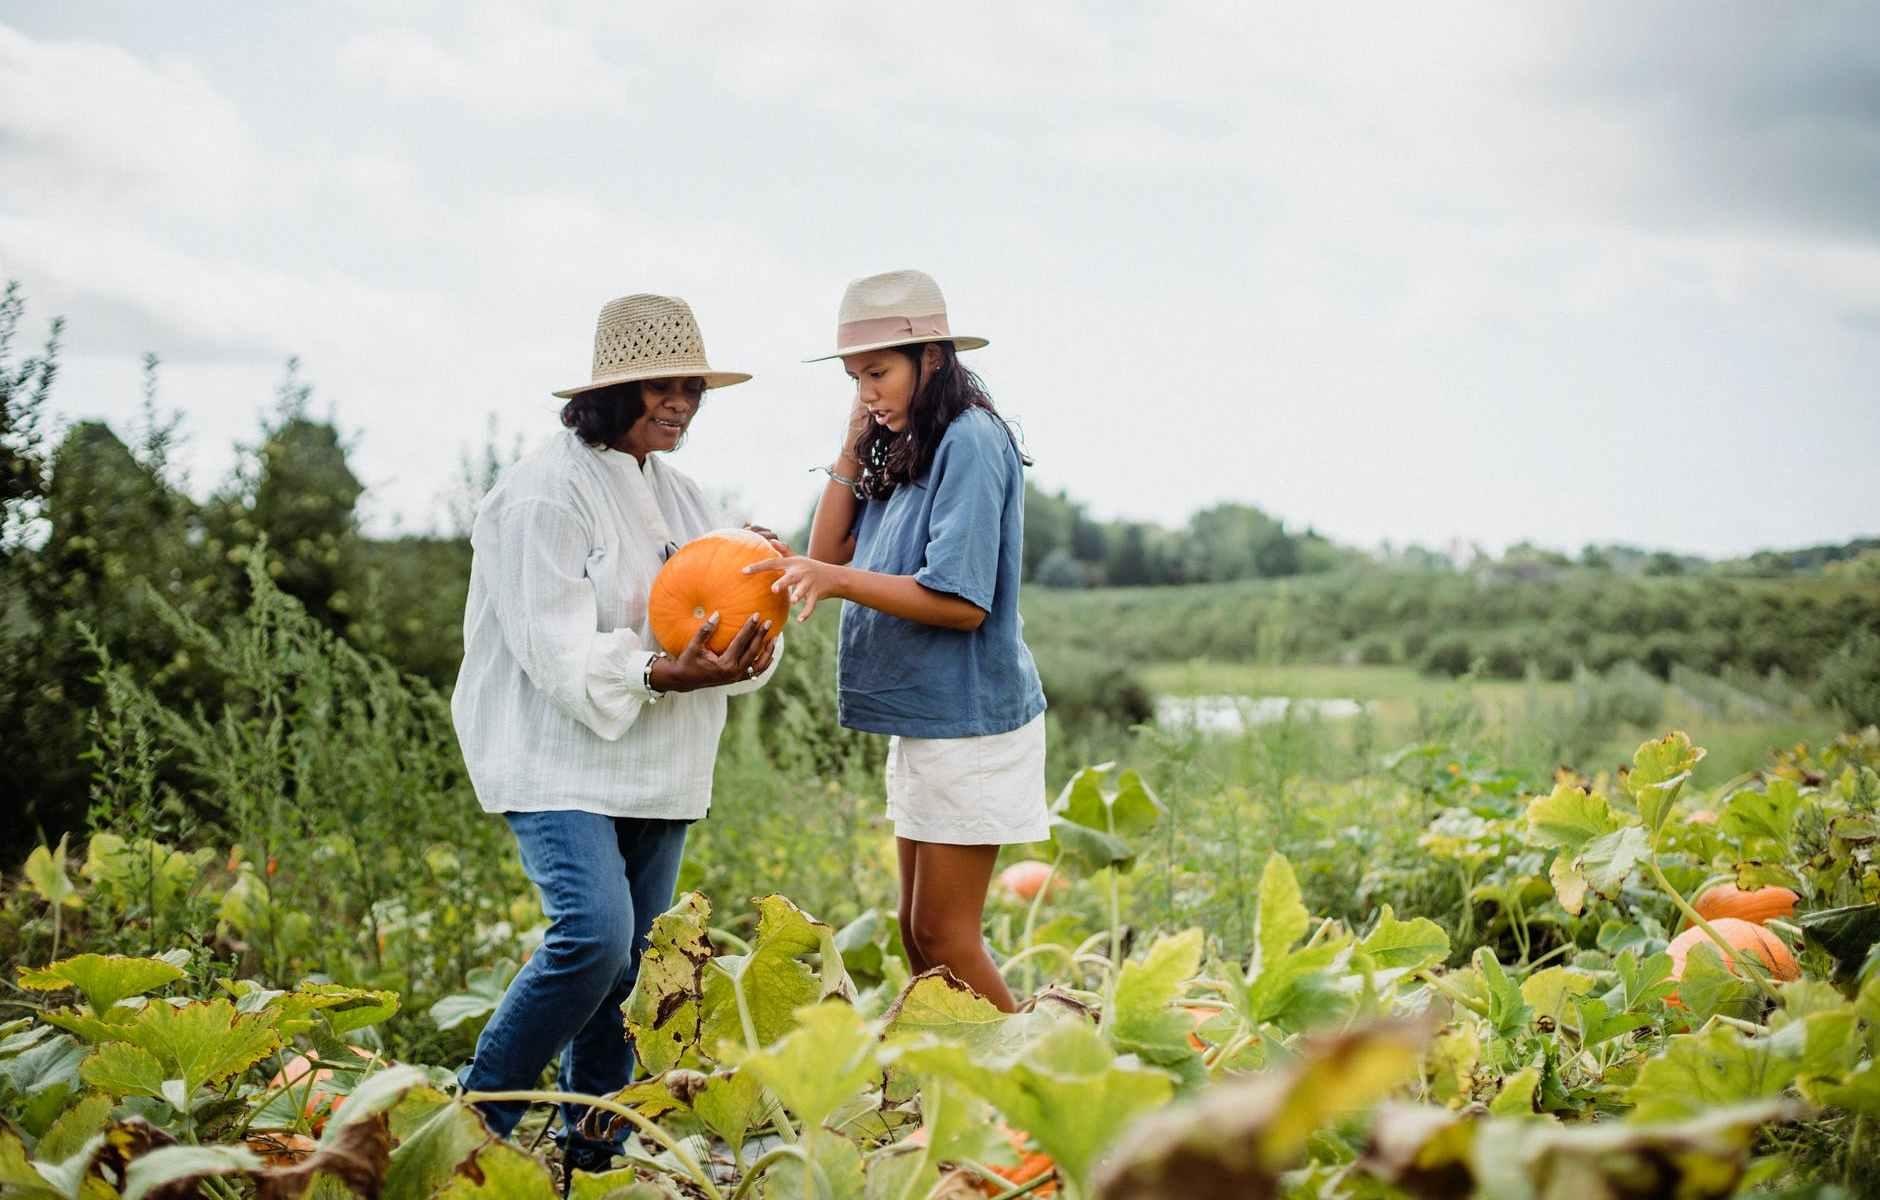 hispanic woman with young girl harvesting pumpkins